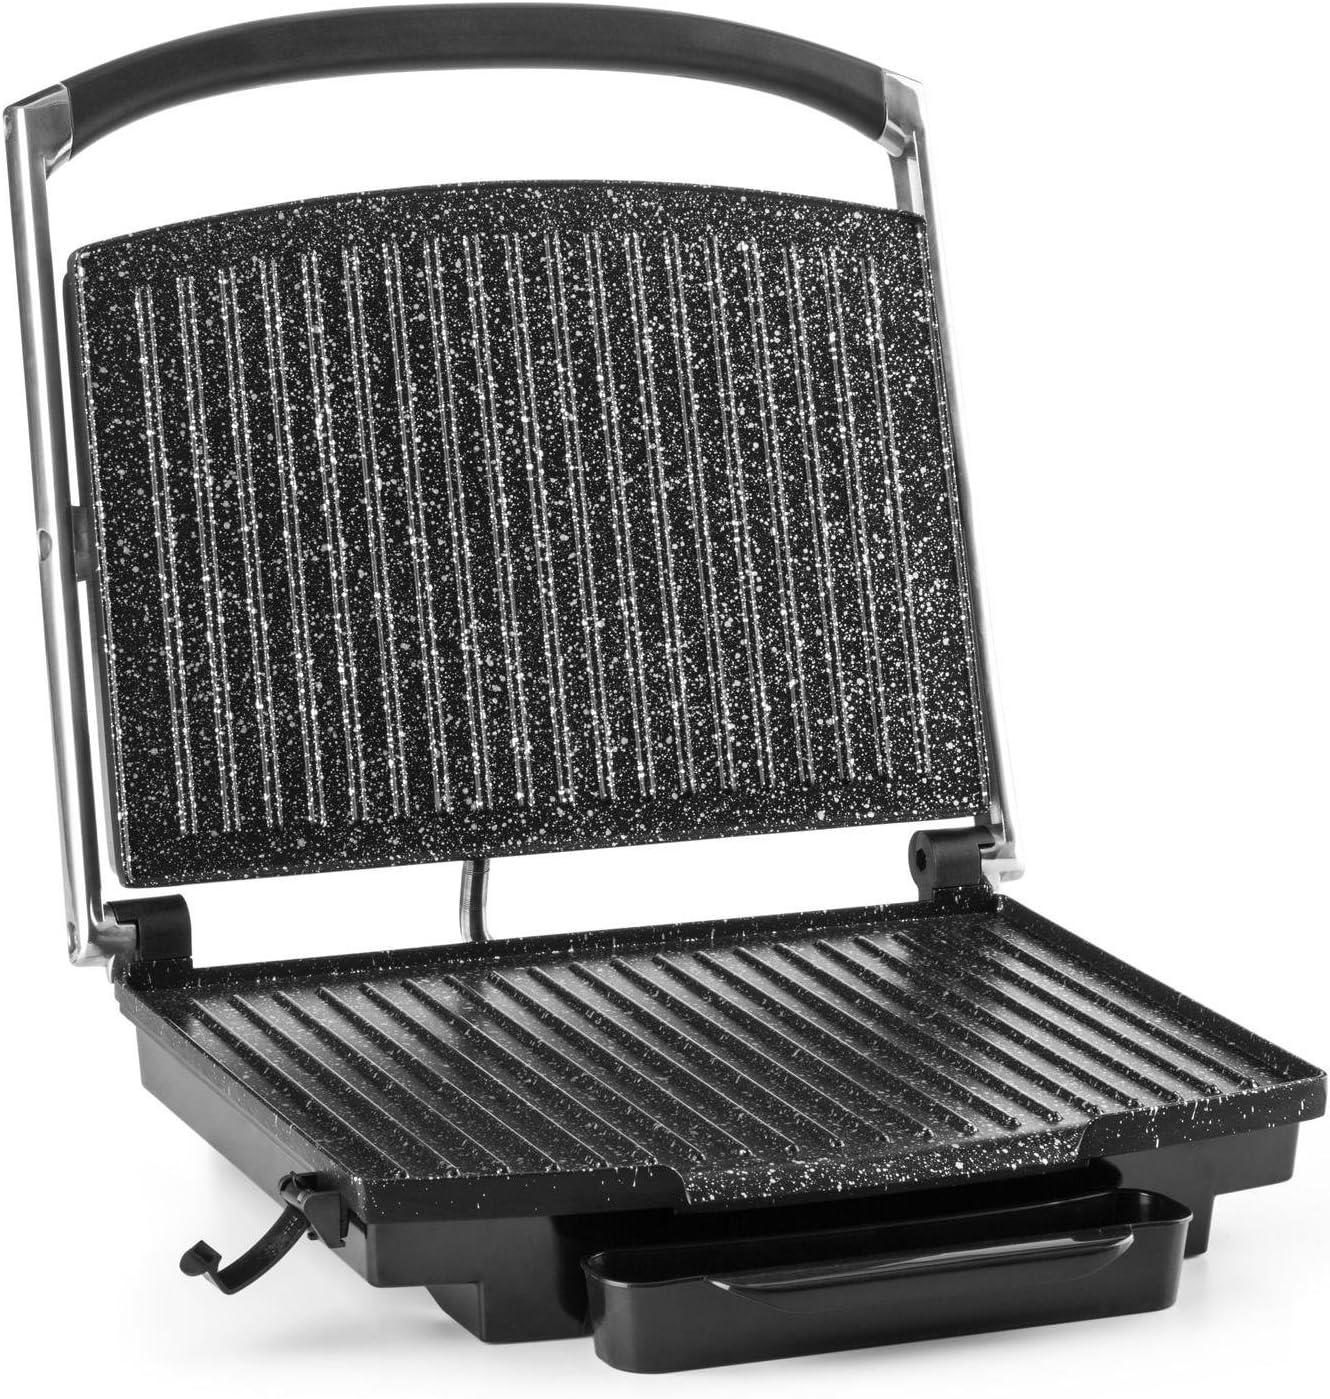 KLARSTEIN Edelstein Grill Multifonction, Presse à paninis, Température réglable en continu jusqu'à 240 °C, 2000W, INOX